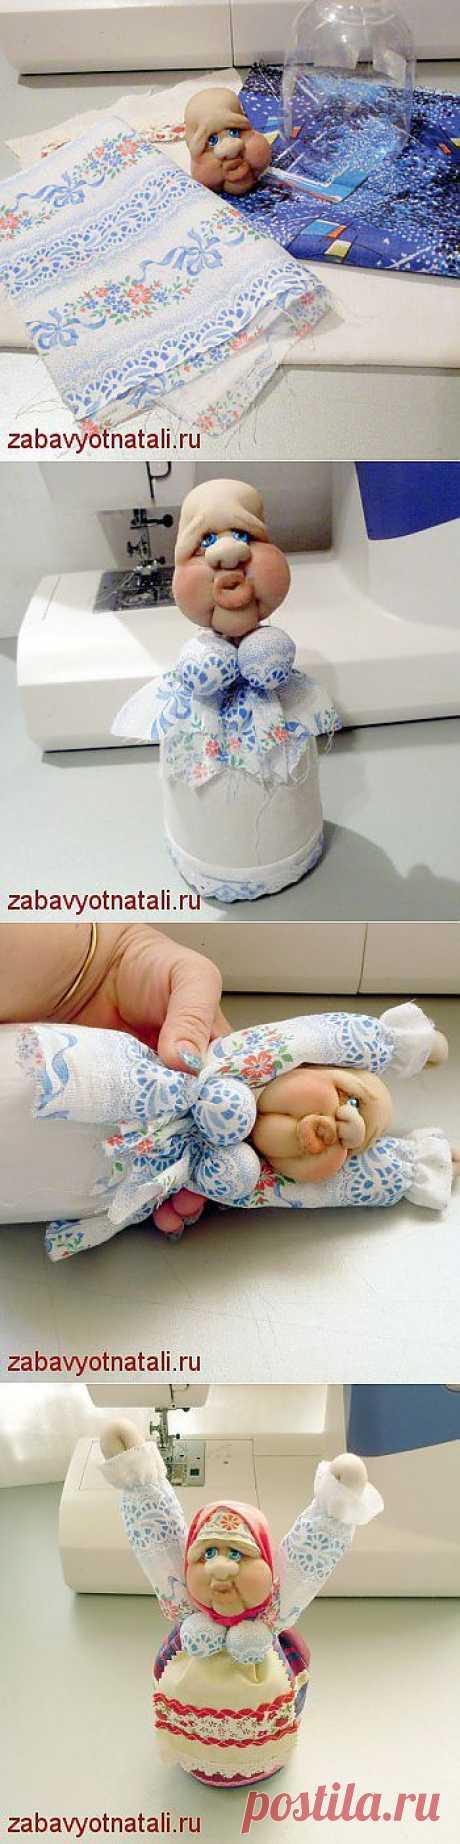 """Кукла """"Бабонька русская"""". Мастер-класс по изготовлению."""